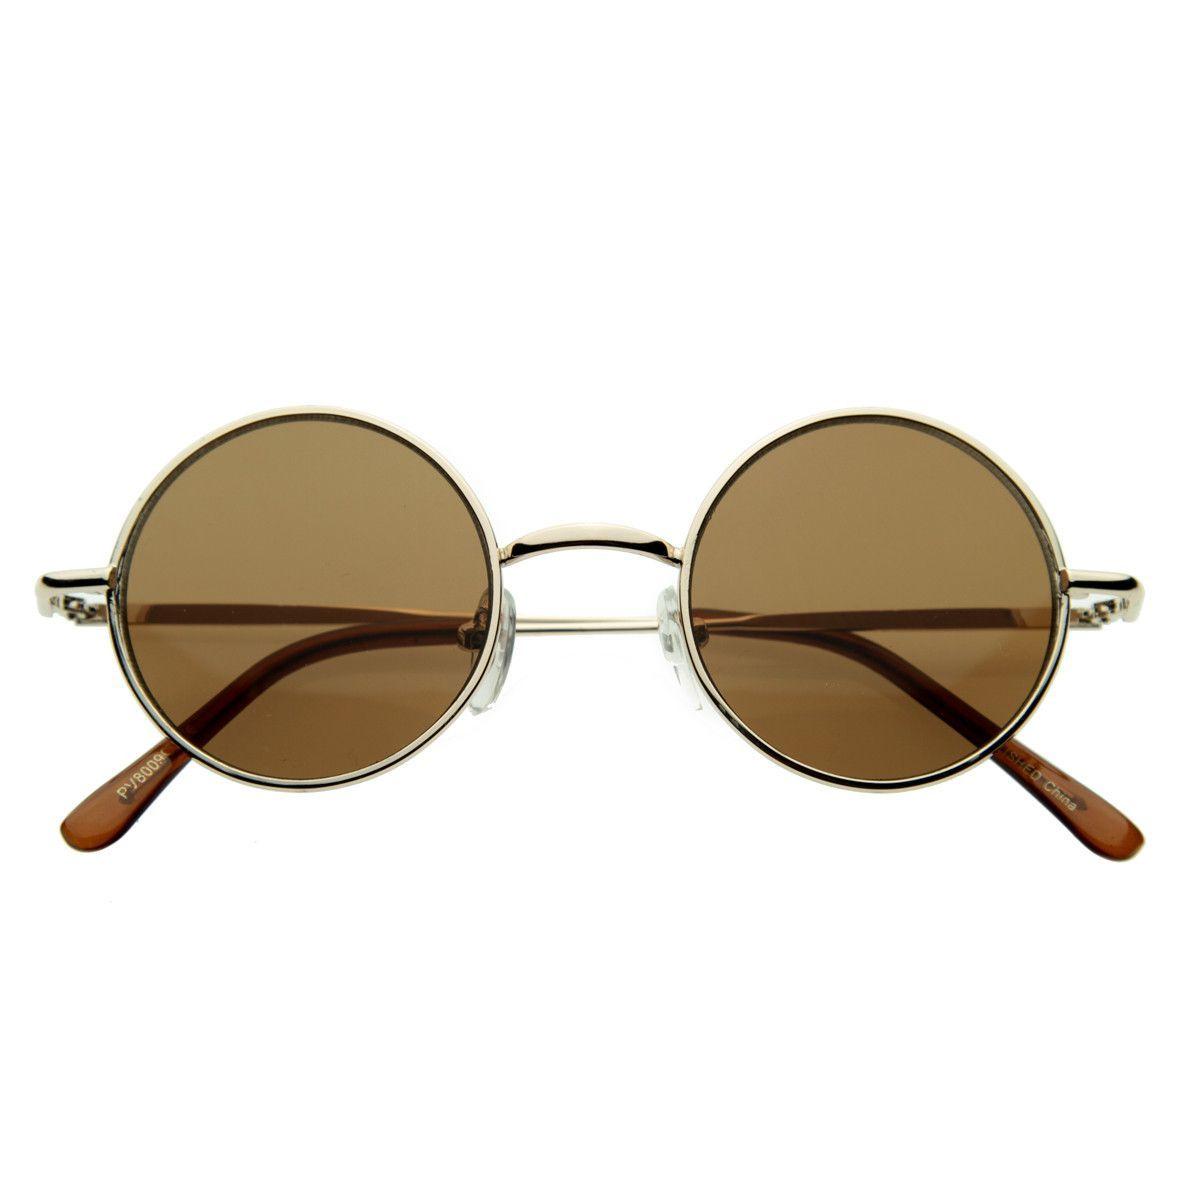 b2ac3e3d55 Small Retro Lennon Style Round Dapper Sunglasses 8237